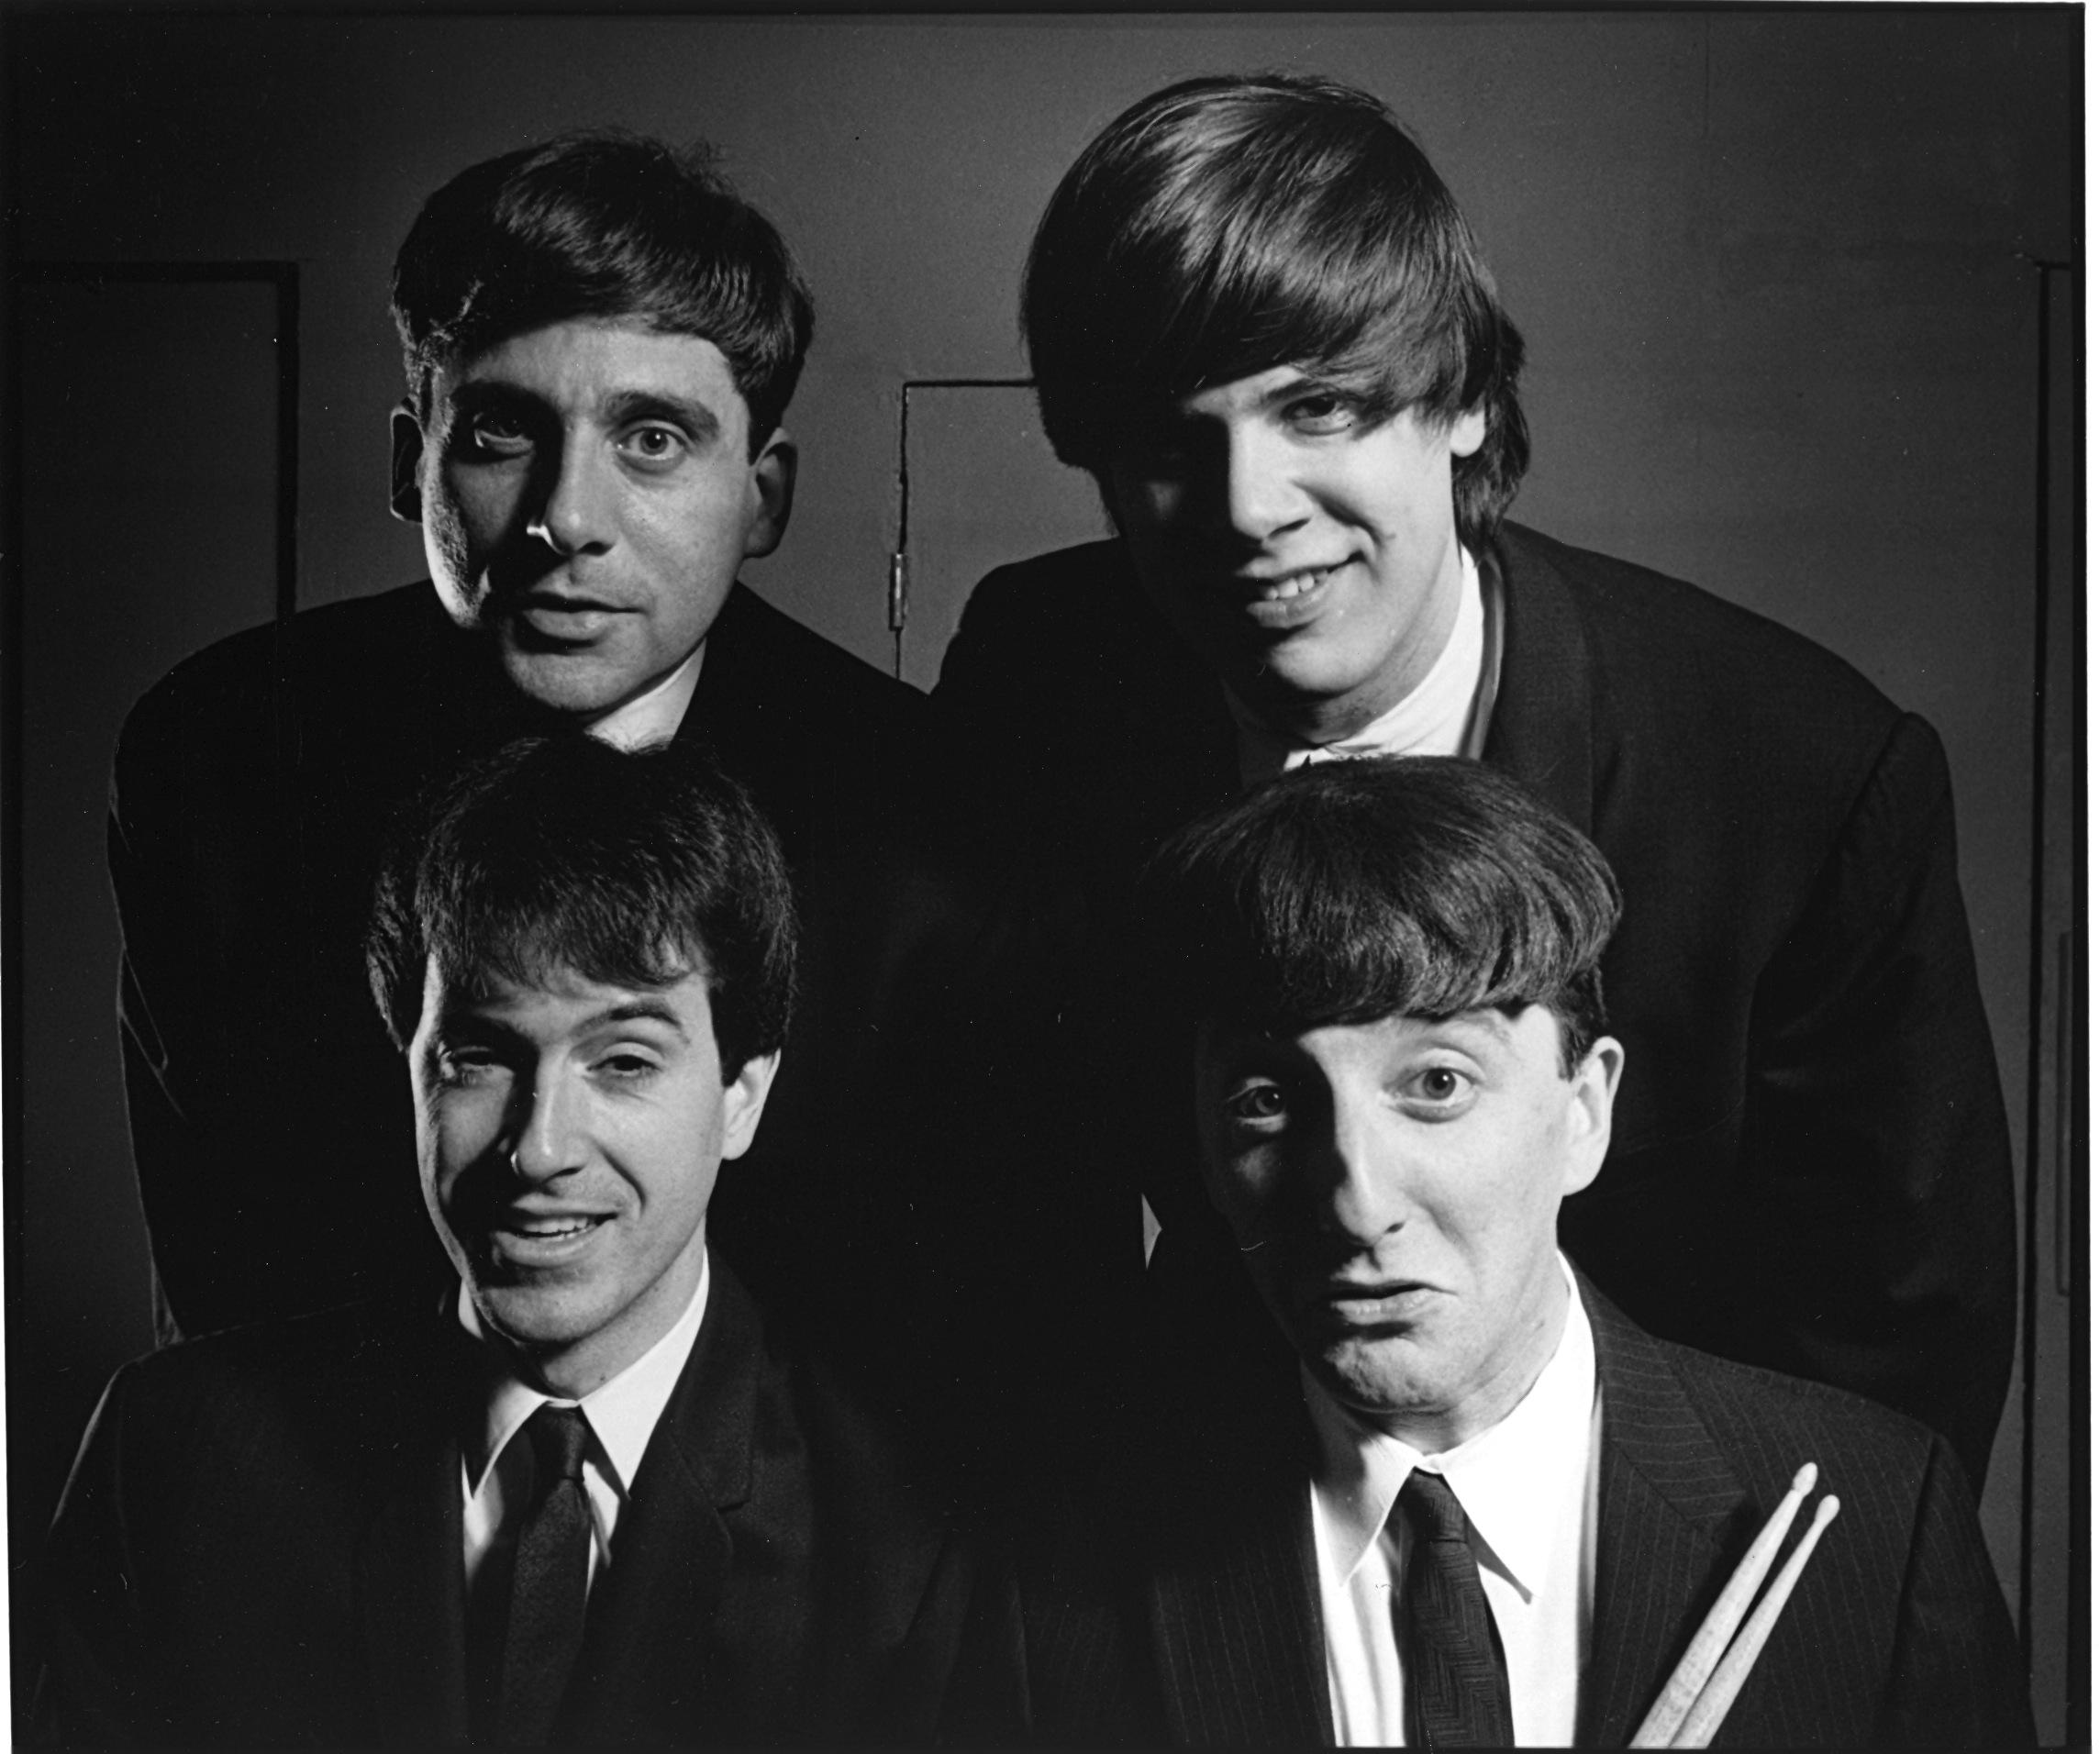 Steve Carell (top left) and Colbert meet the Beatles